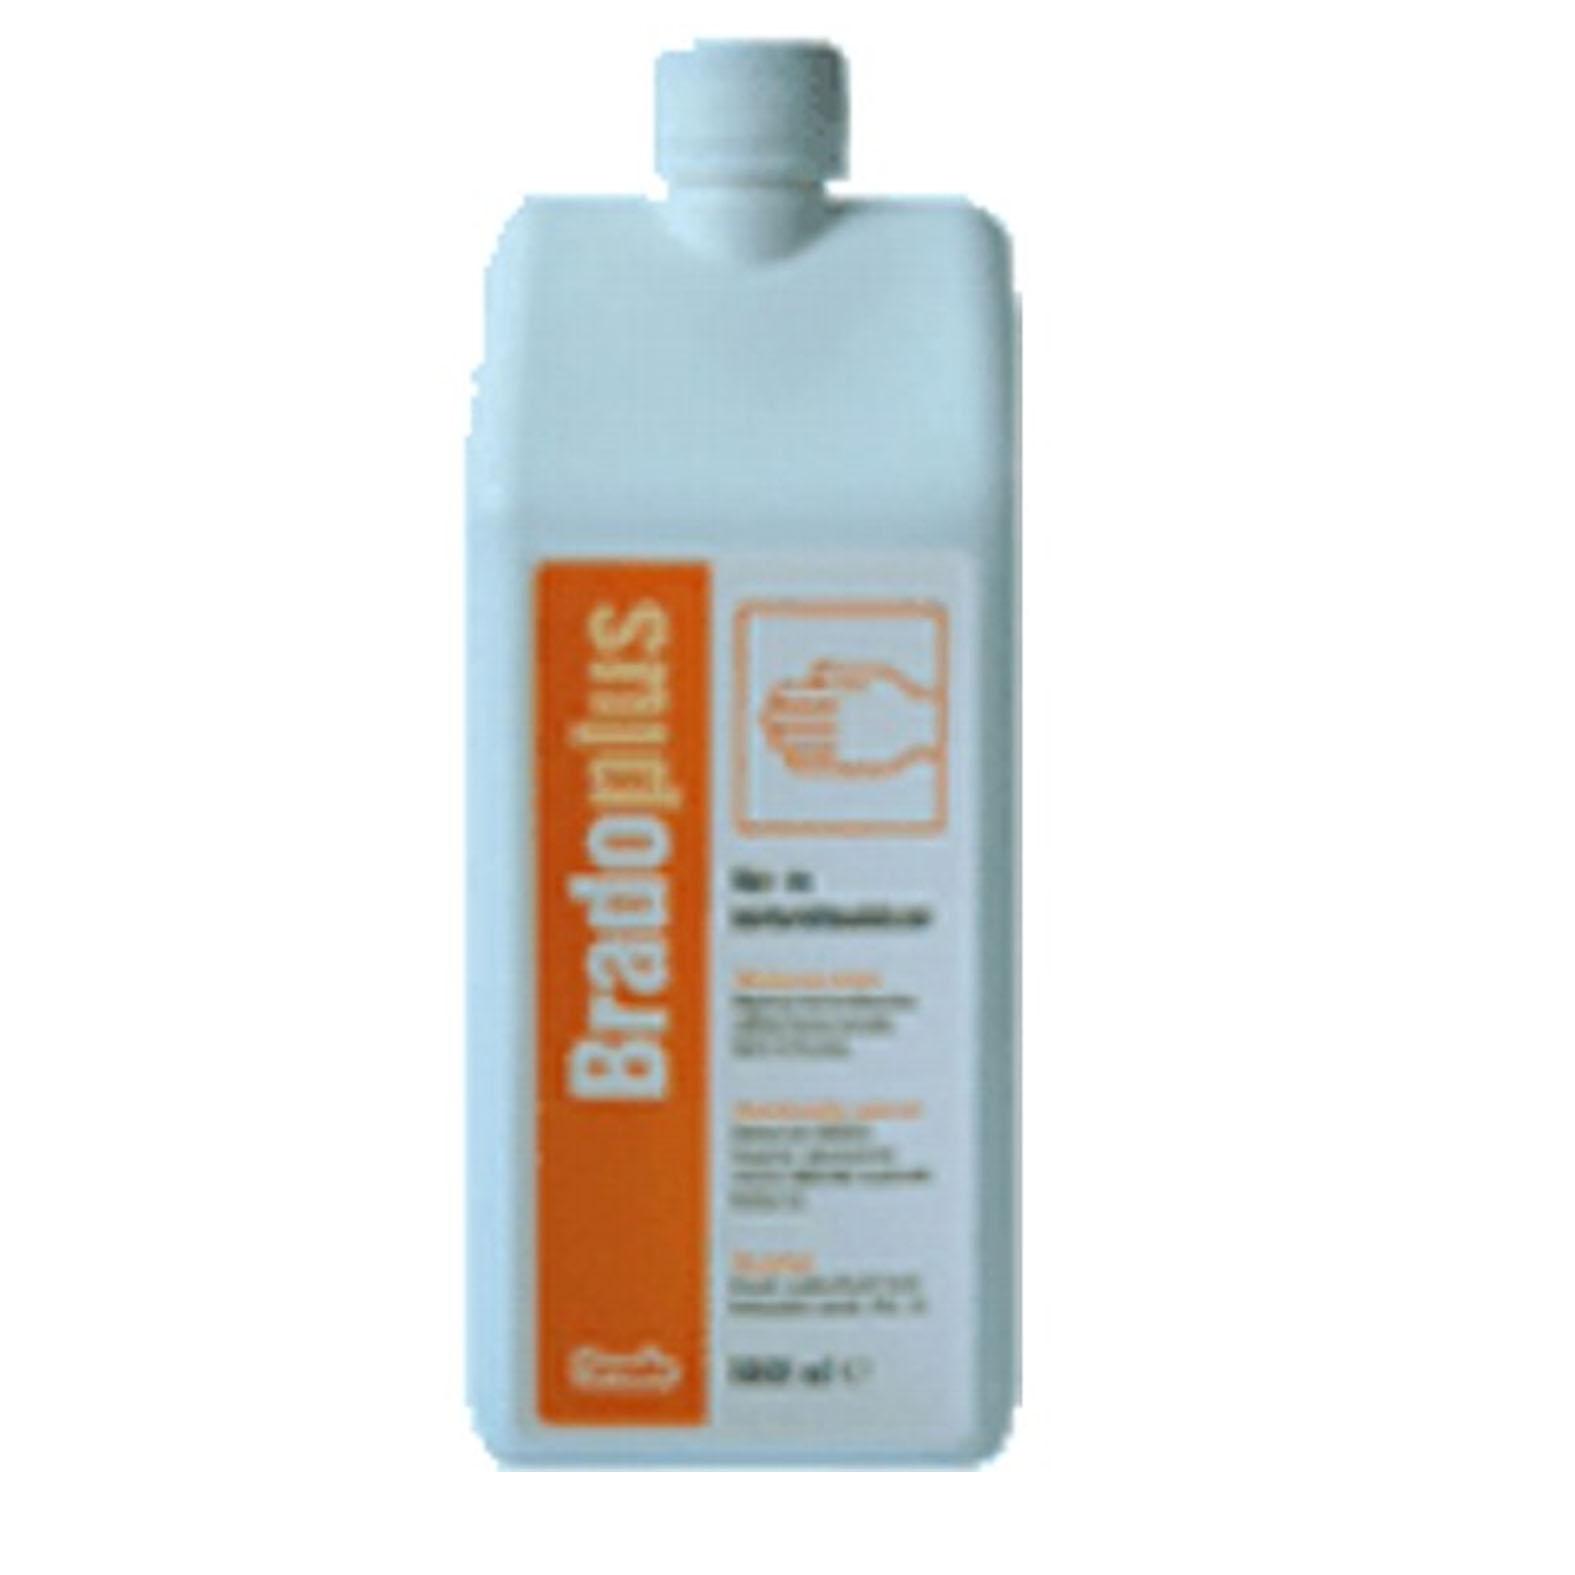 Fertőtlenítő BRADOPLUS 500 ml színtelen bőrfertőtlenítő